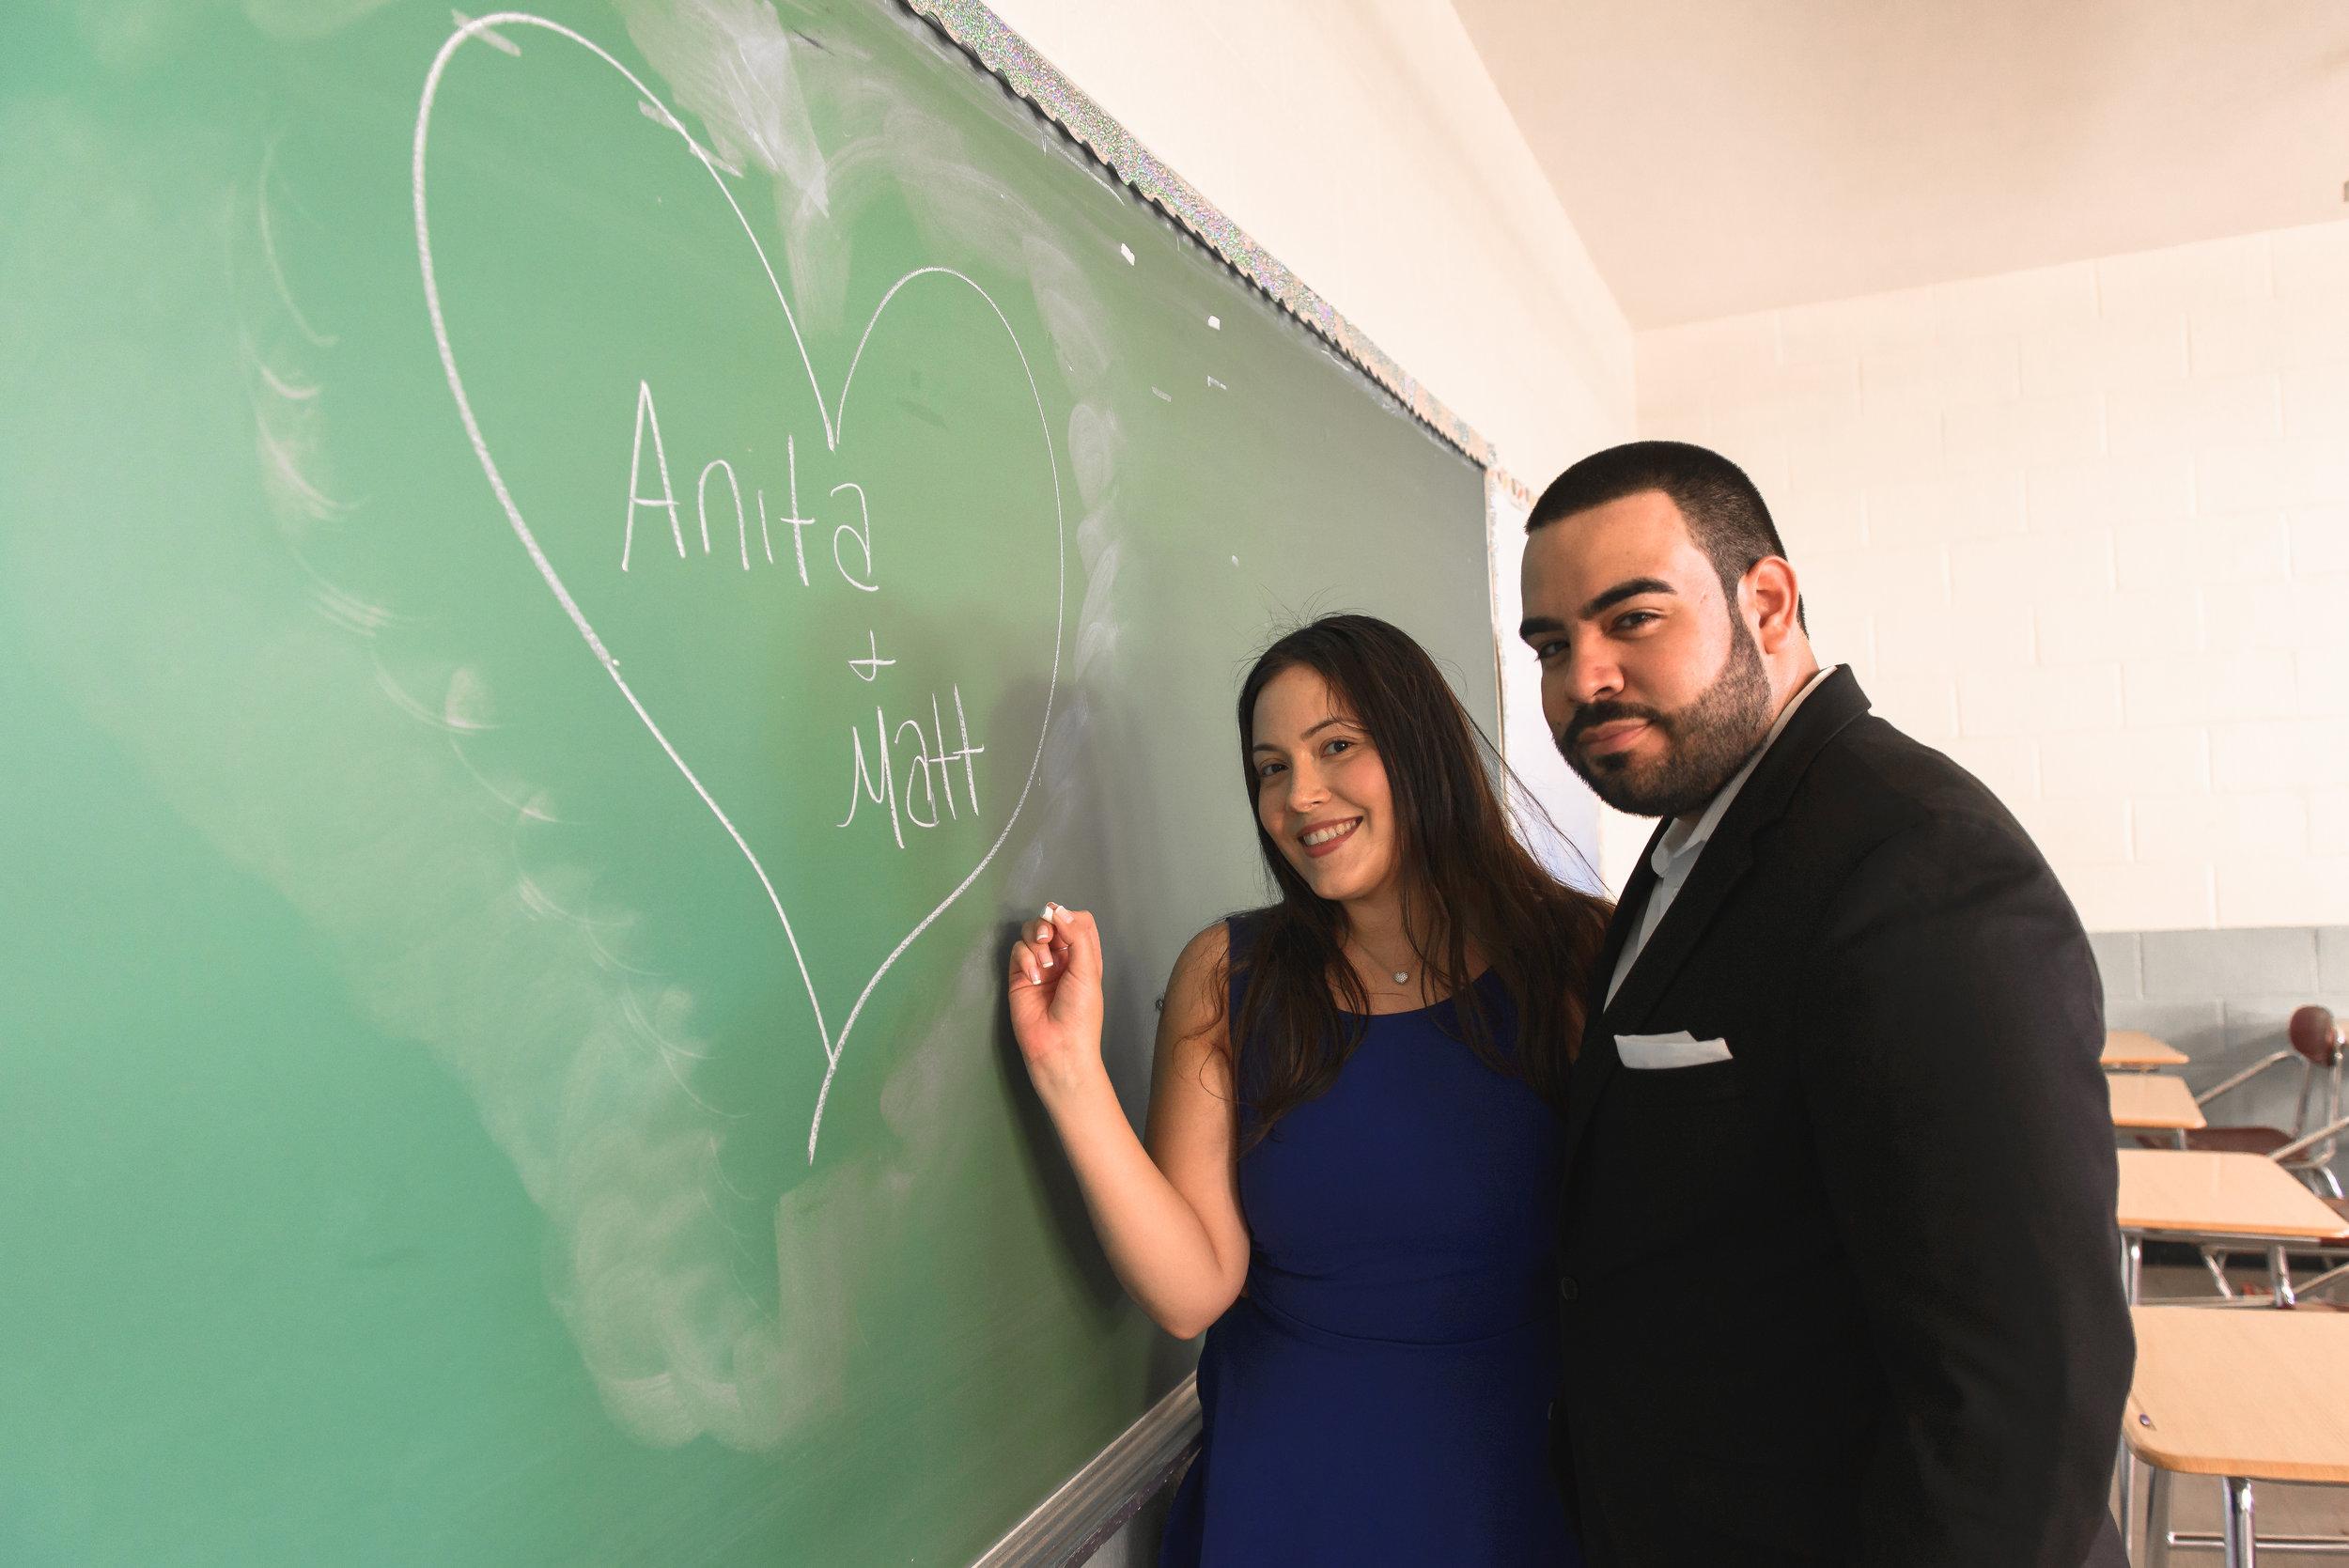 Anita&Matt-18.jpg